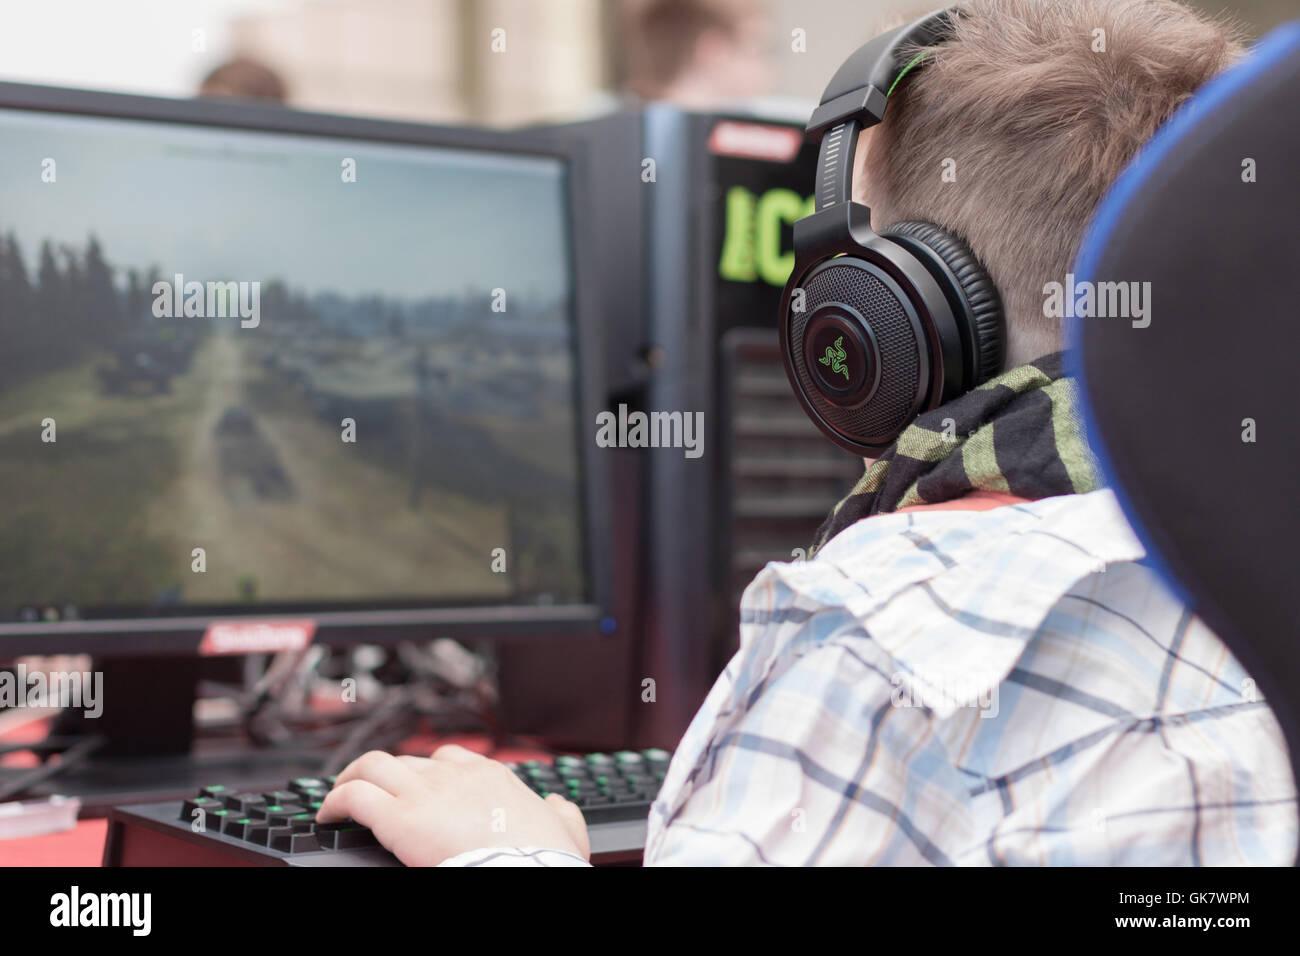 BRNO, République tchèque - 30 avril 2016: Jeune homme siège au président de jeu et joue Photo Stock